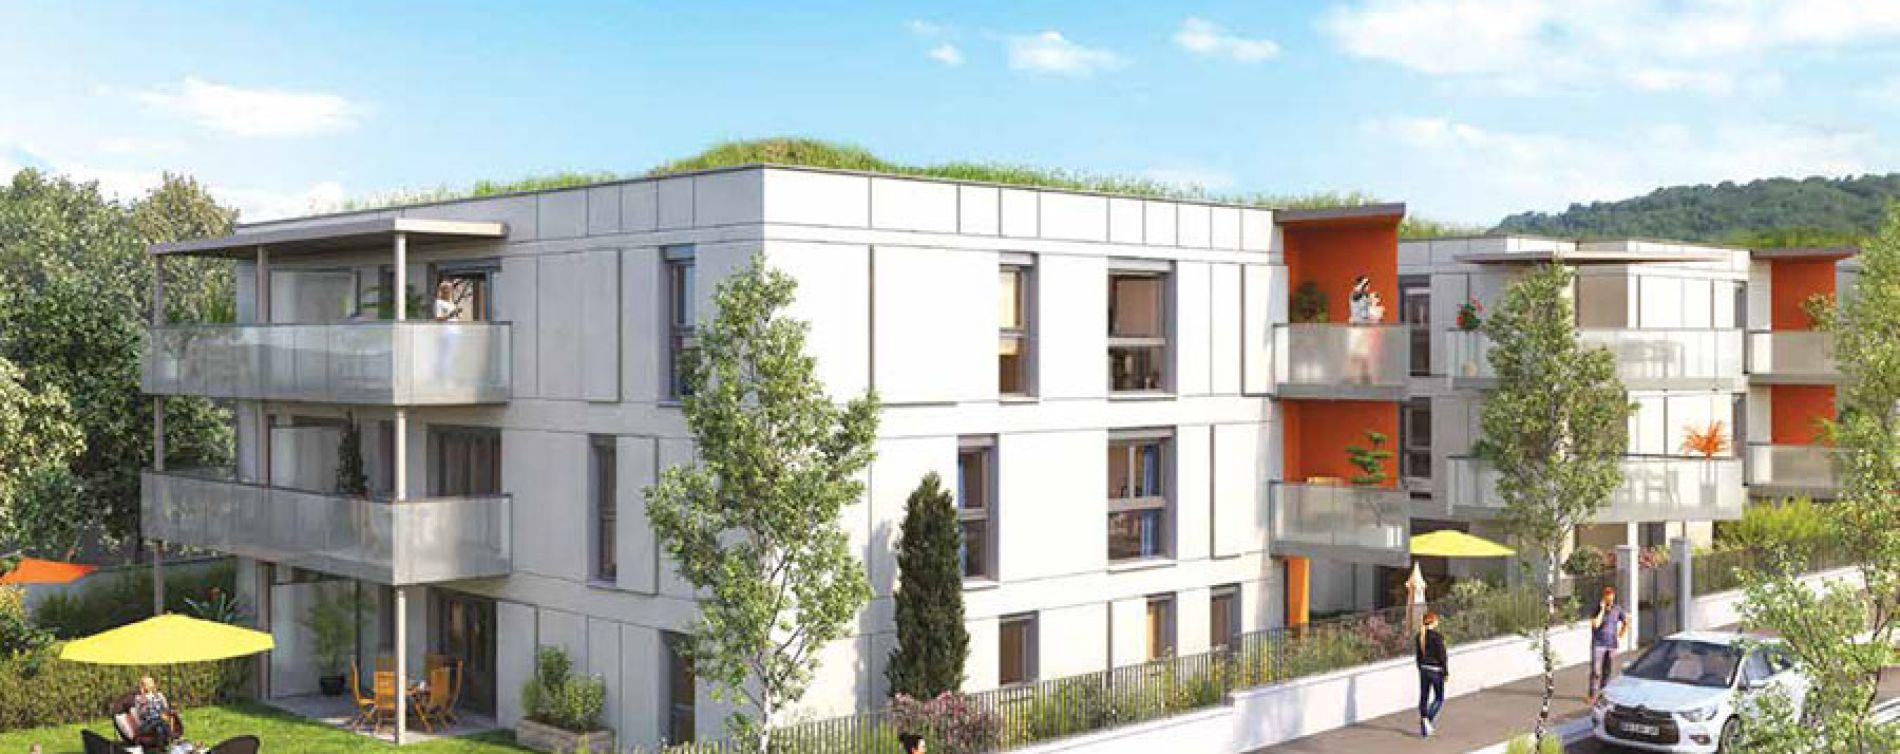 Résidence L'Aixquisse à Aix-les-Bains